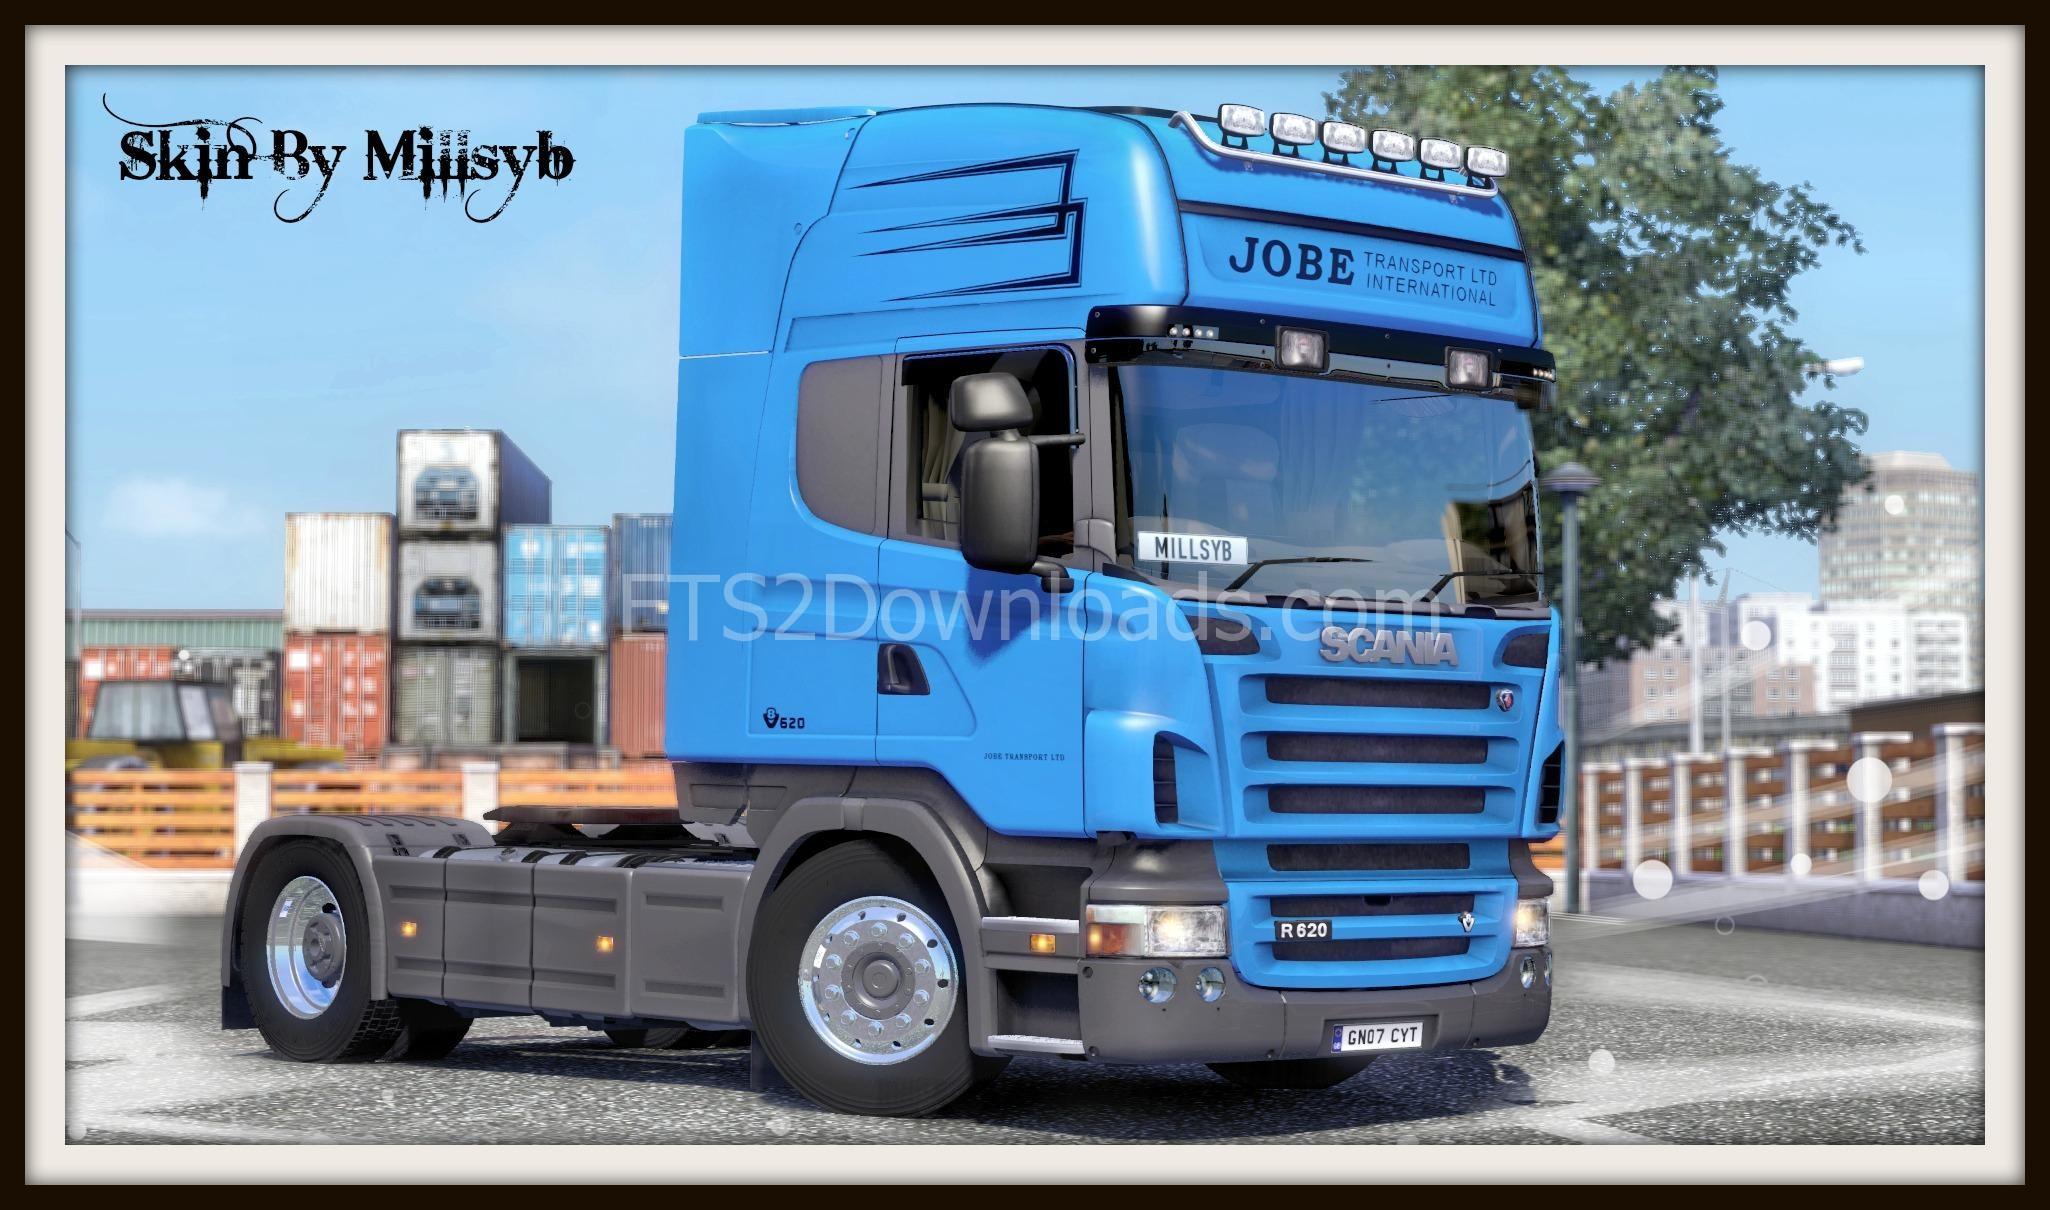 jobe-transport-ltd-skin-for-scania-ets2